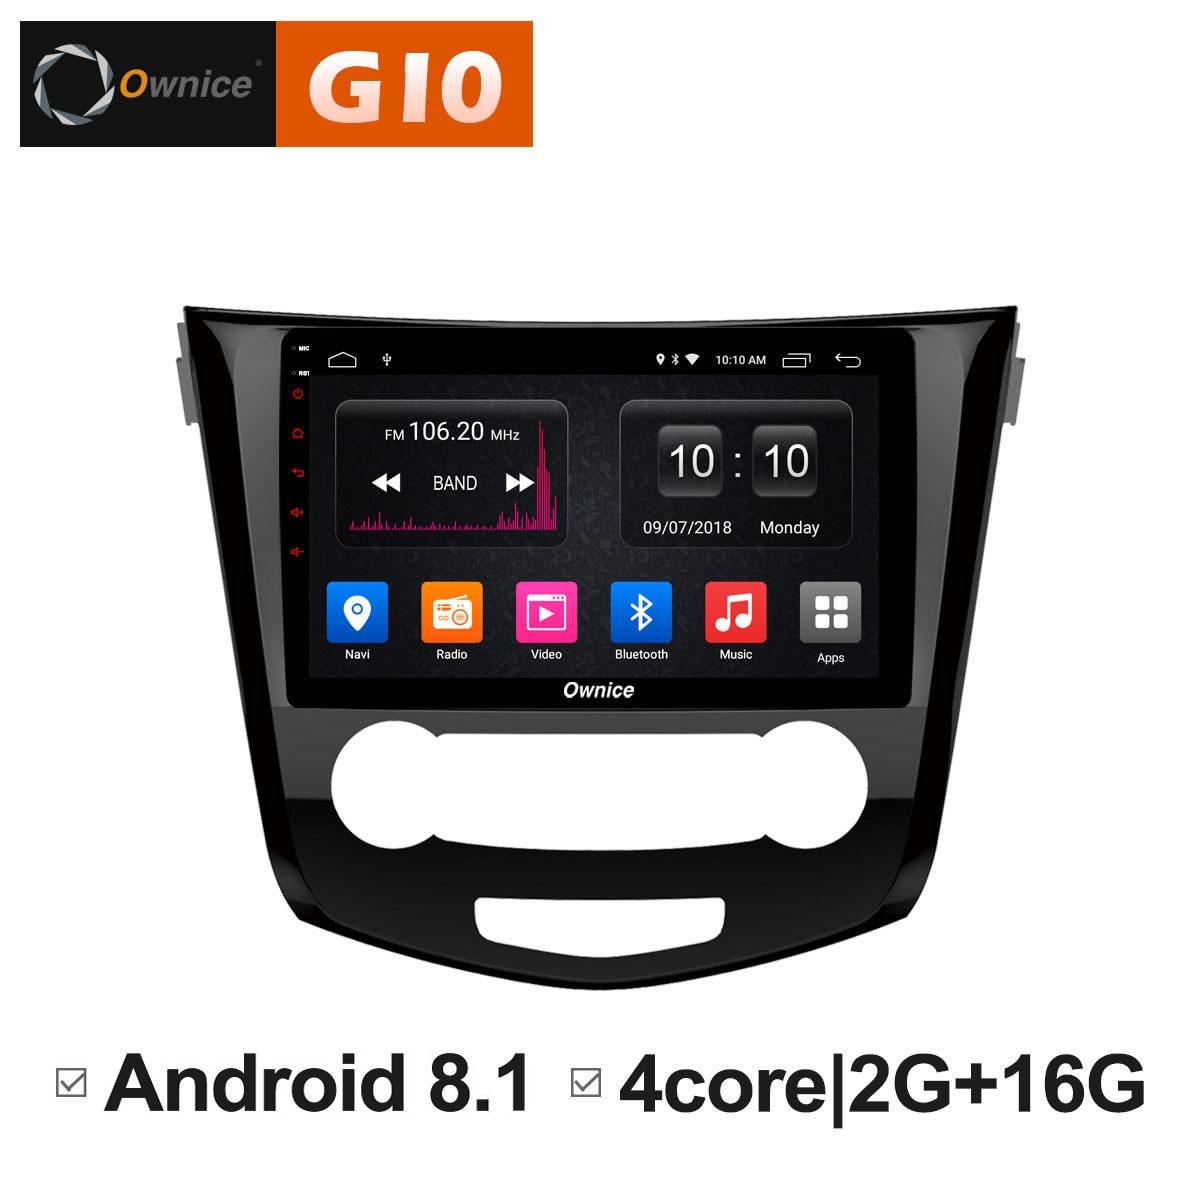 Android 8.1 Unit DVD Radio Multimedia Player for Nissan Qashqai X-Trail 2016 4G DAB+ TPMS